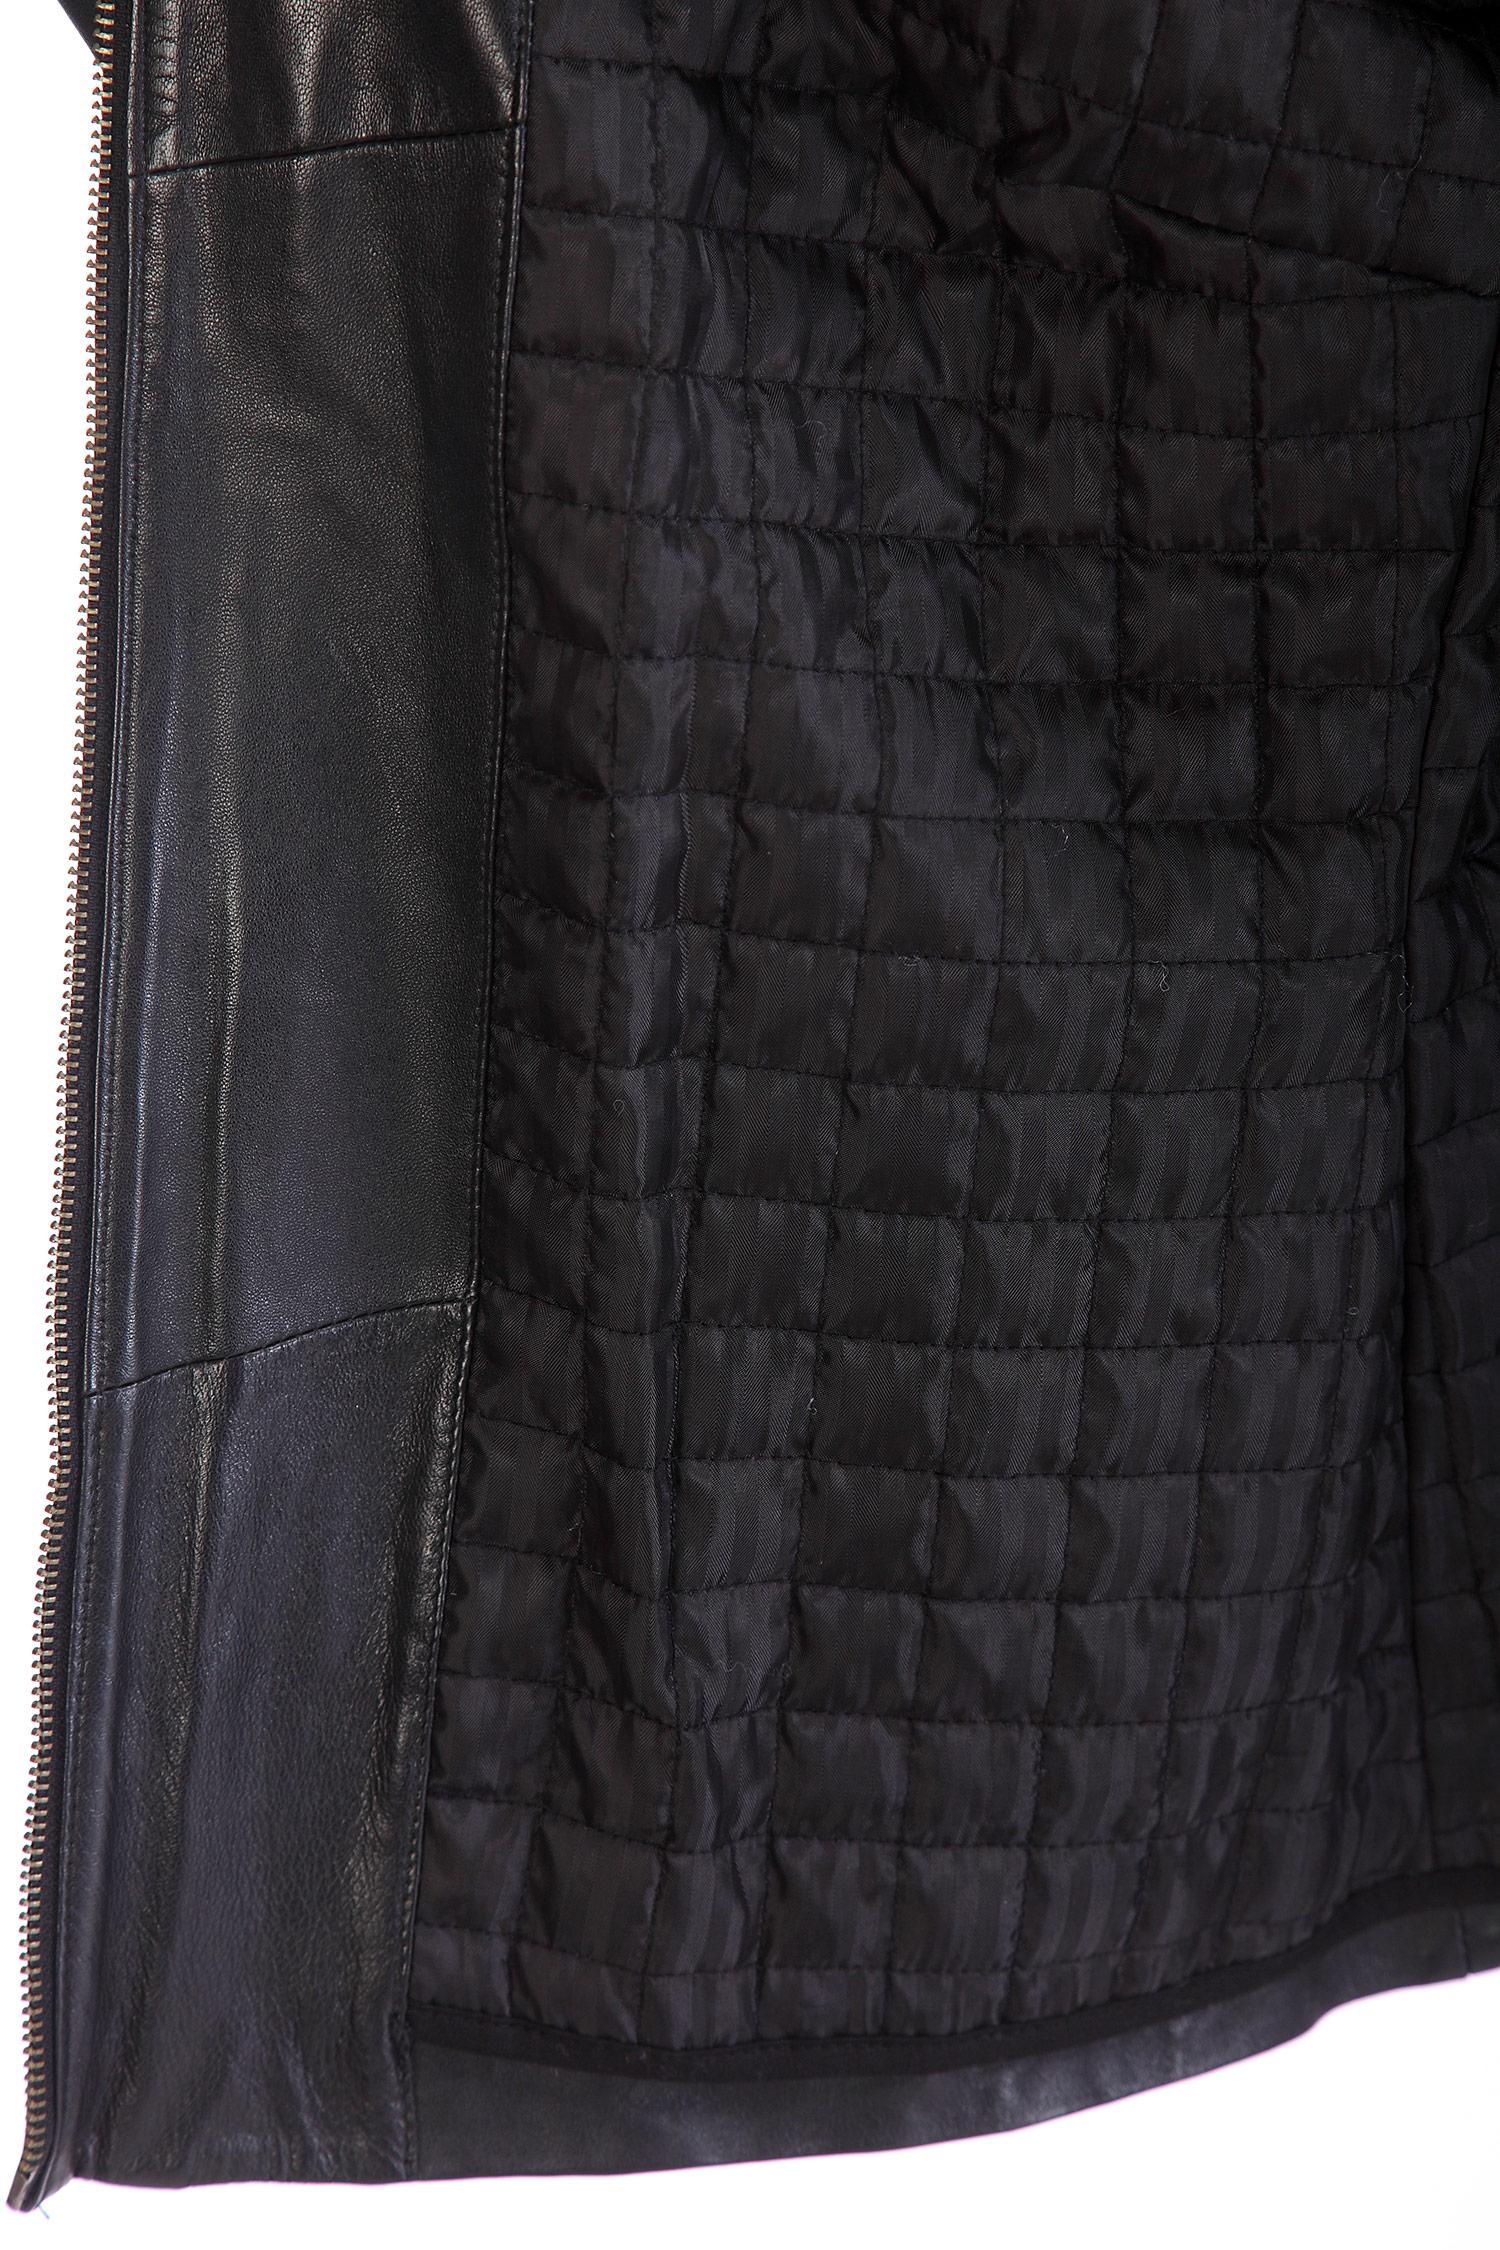 Фото 8 - Женская кожаная куртка из натуральной кожи с воротником от МОСМЕХА черного цвета